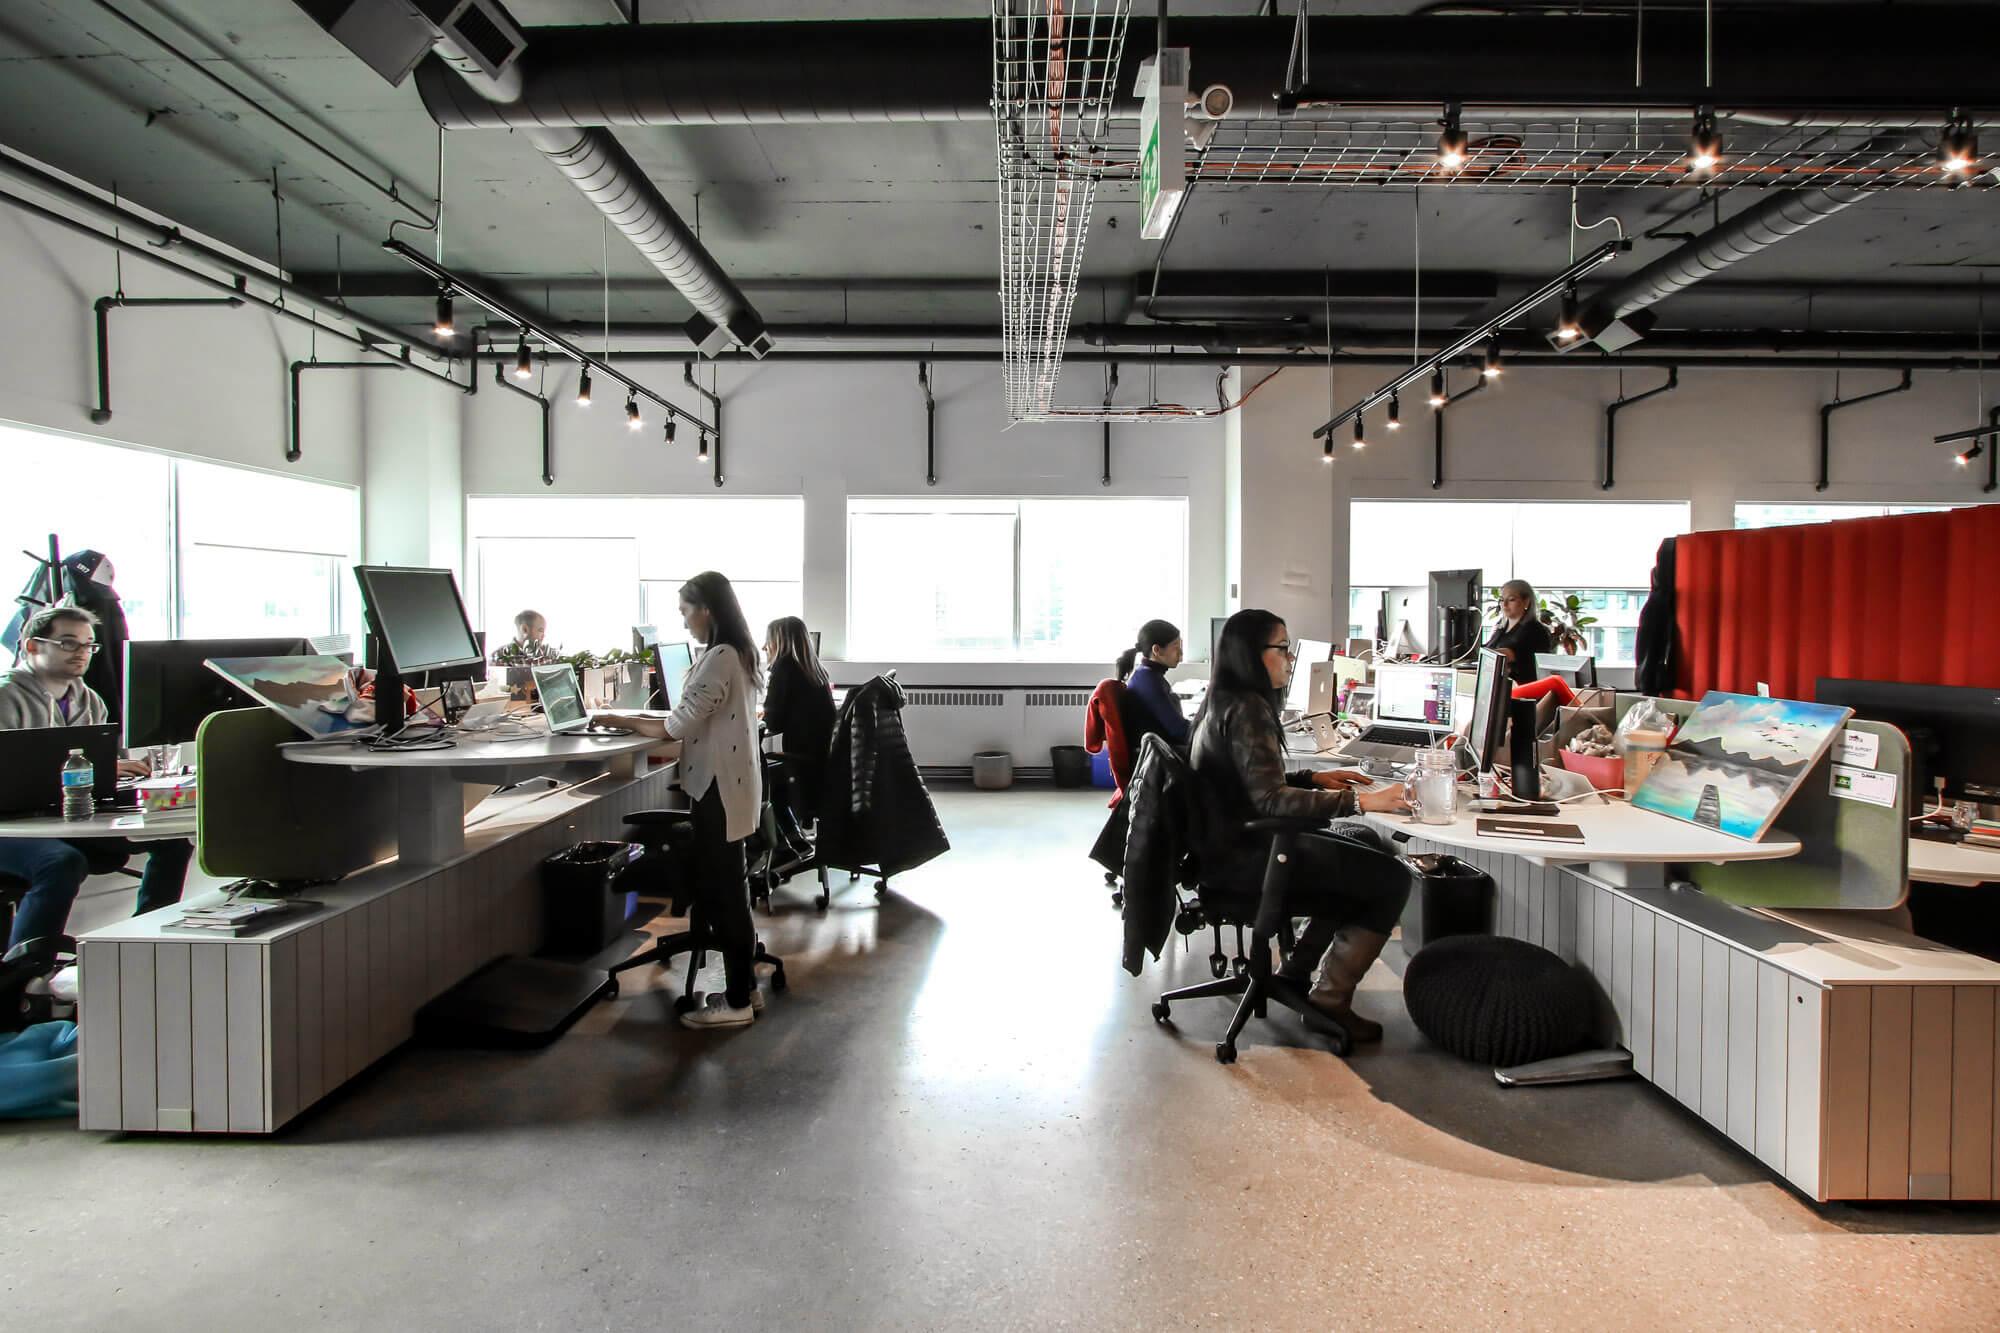 Varagesale Office Killer Spaces-9